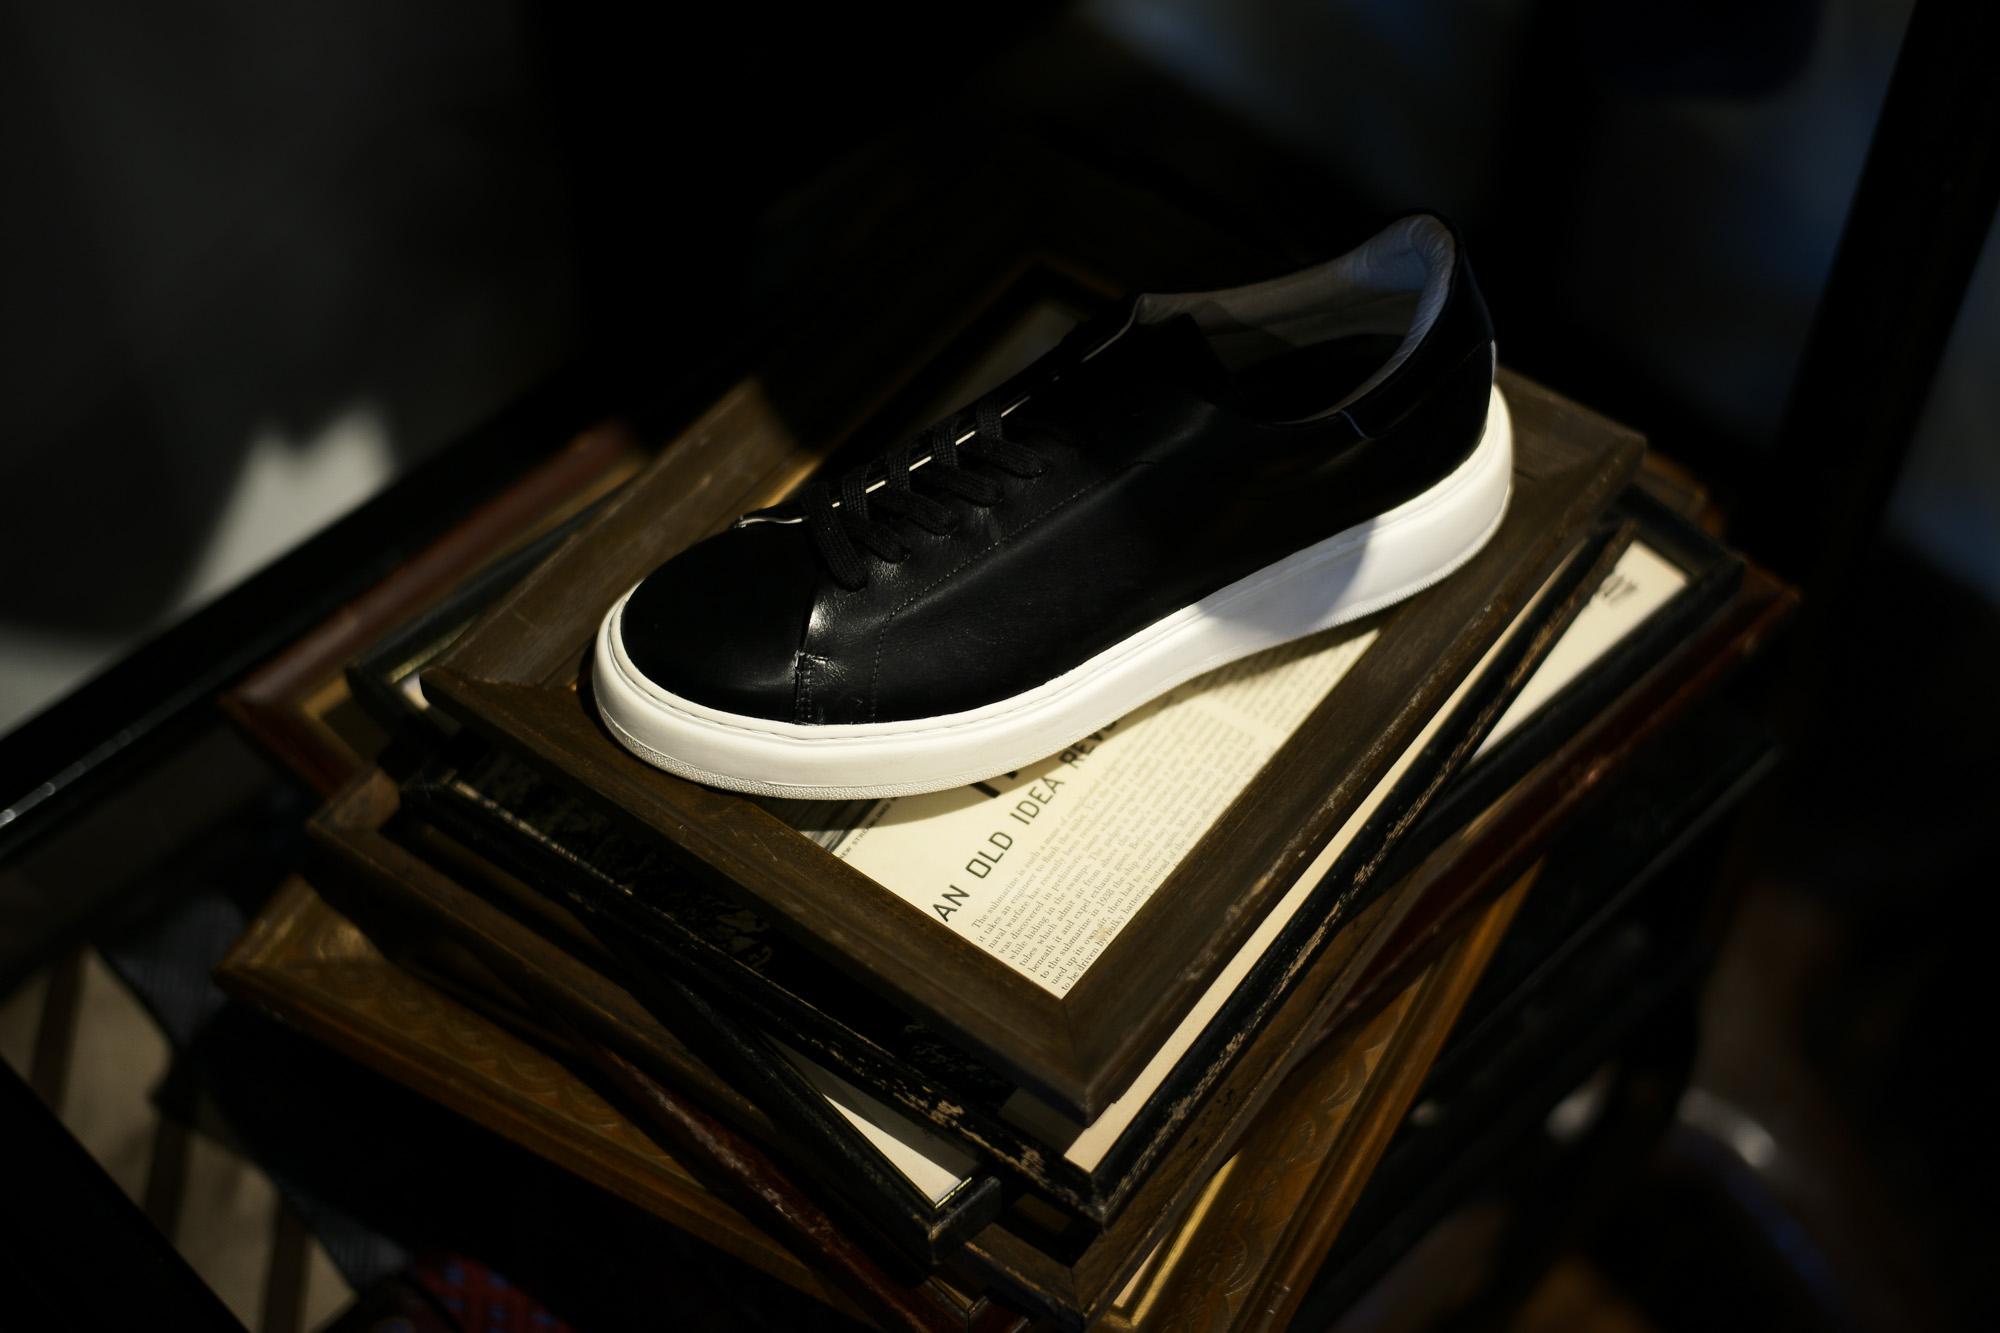 PATRICK(パトリック) CRUISE LINE クルーズライン GENOVA (ジェノバ) Annonay Vocalou Calf Leather (アノネイ社 ボカルーカーフ レザー) ローカット レザー スニーカー BLACK (ブラック・BLK) MADE IN JAPAN(日本製) 【1st コレクション // 復刻モデル】【スペシャル限定モデル】【第2便ご予約受付中】【第3便ご予約受け付け中】patrick パトリック cruiseline クルーズライン 愛知 名古屋 ZODIAC ゾディアック 干場義雅 坪内浩